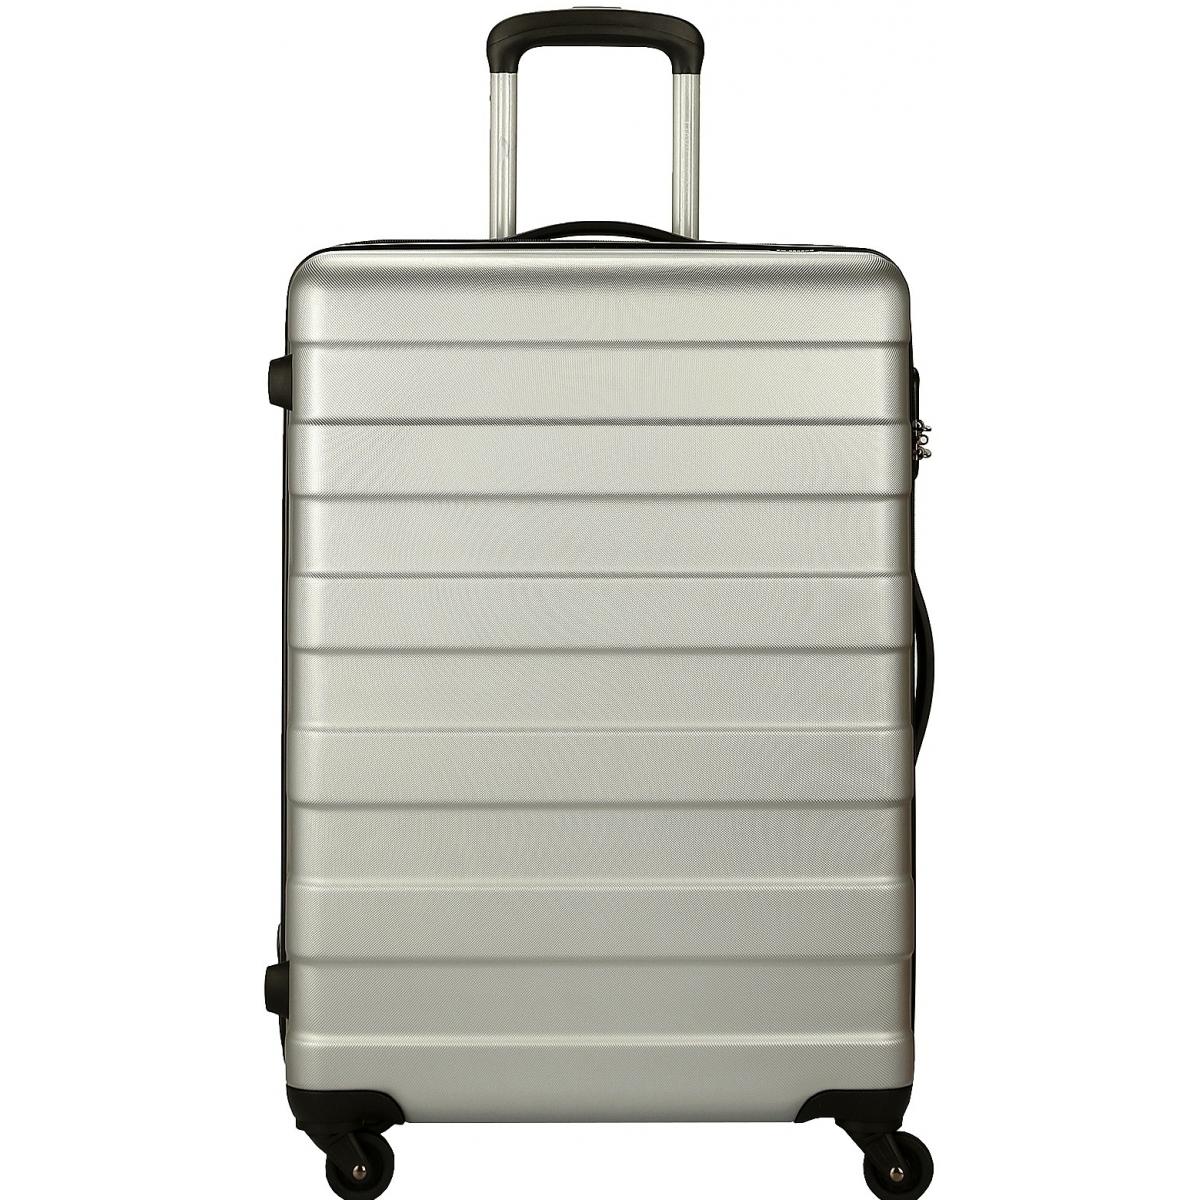 valise xxl 90 cm best les meilleures valises cabine comparatif with valise xxl 90 cm meilleure. Black Bedroom Furniture Sets. Home Design Ideas